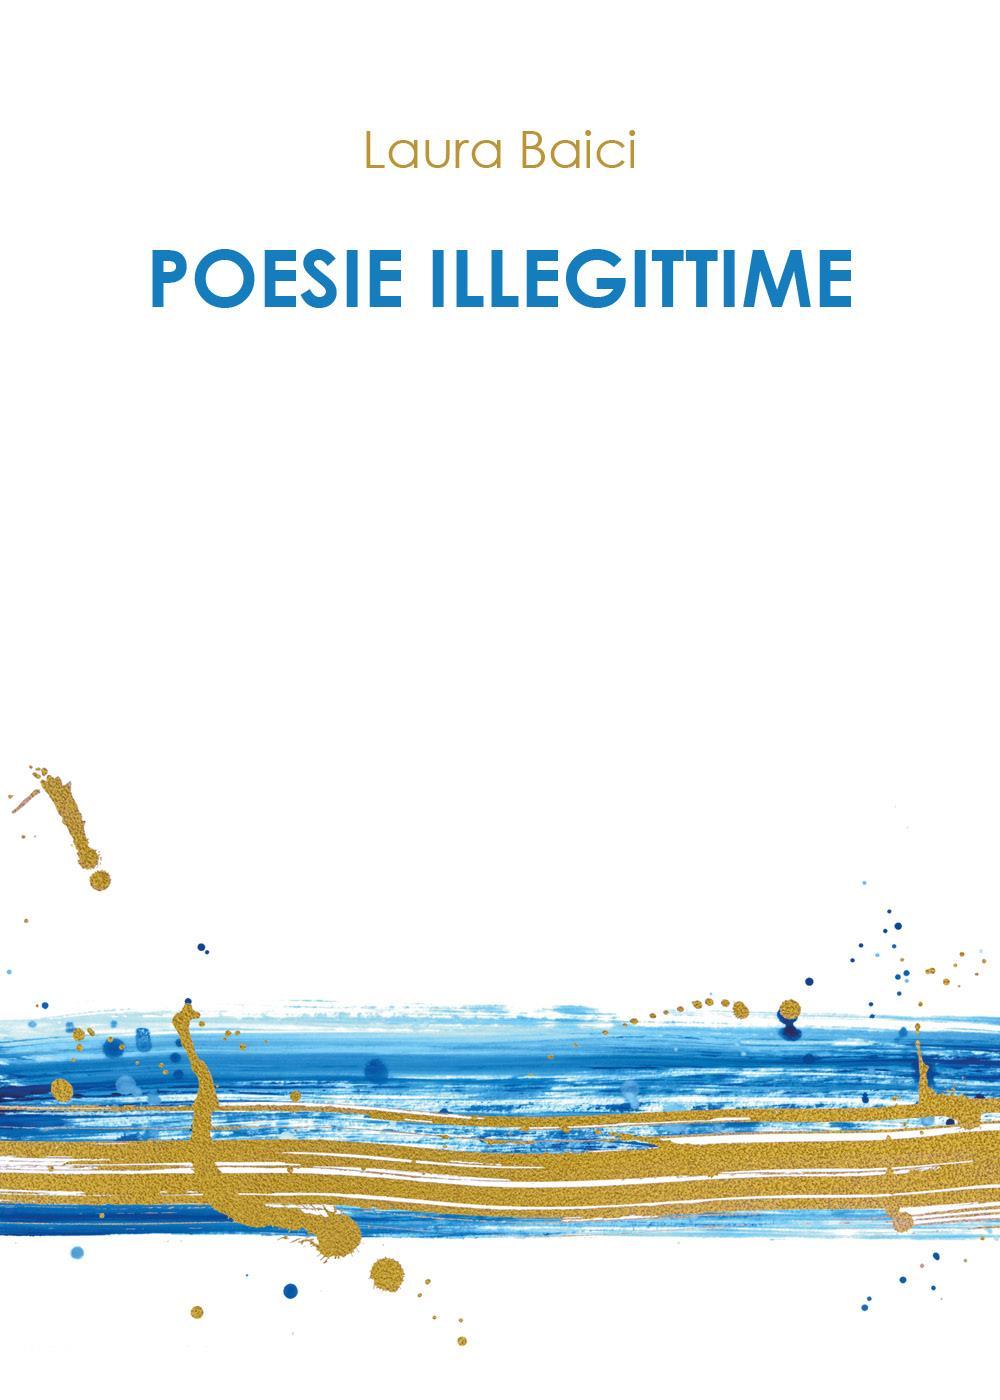 Poesie illegittime